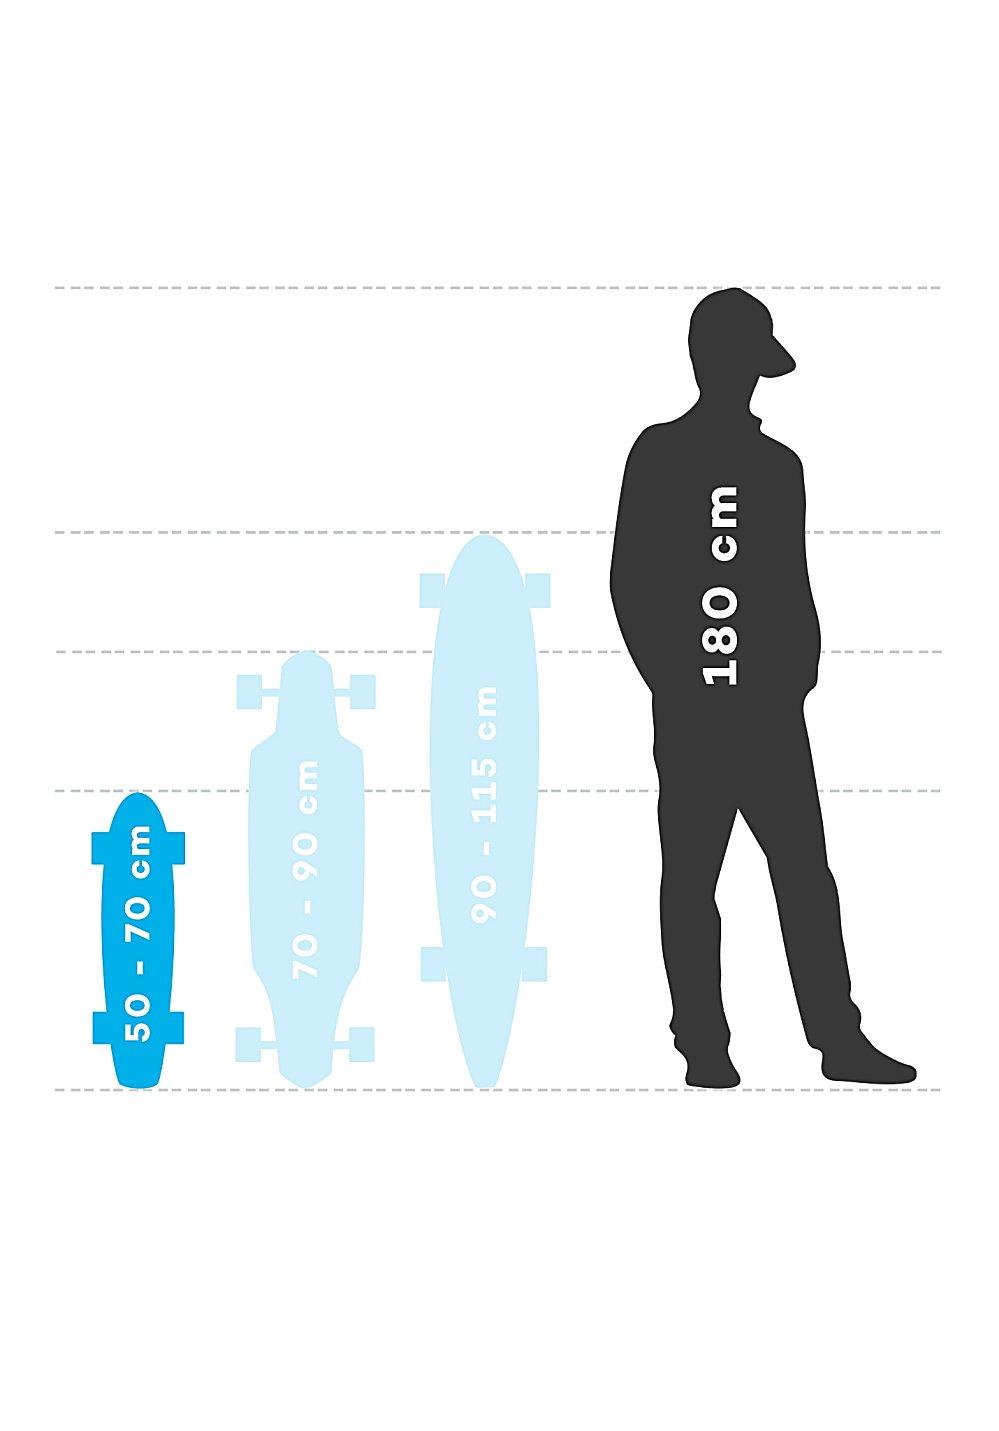 Half Midget Midget Midget Basic 26 B00Y1PROIQ Parent | Prezzo Ragionevole  | La Vendita Calda  | Abbiamo Vinto La Lode Da Parte Dei Clienti  | Grande vendita  | Consegna Immediata  | Lo stile più nuovo  ee7398